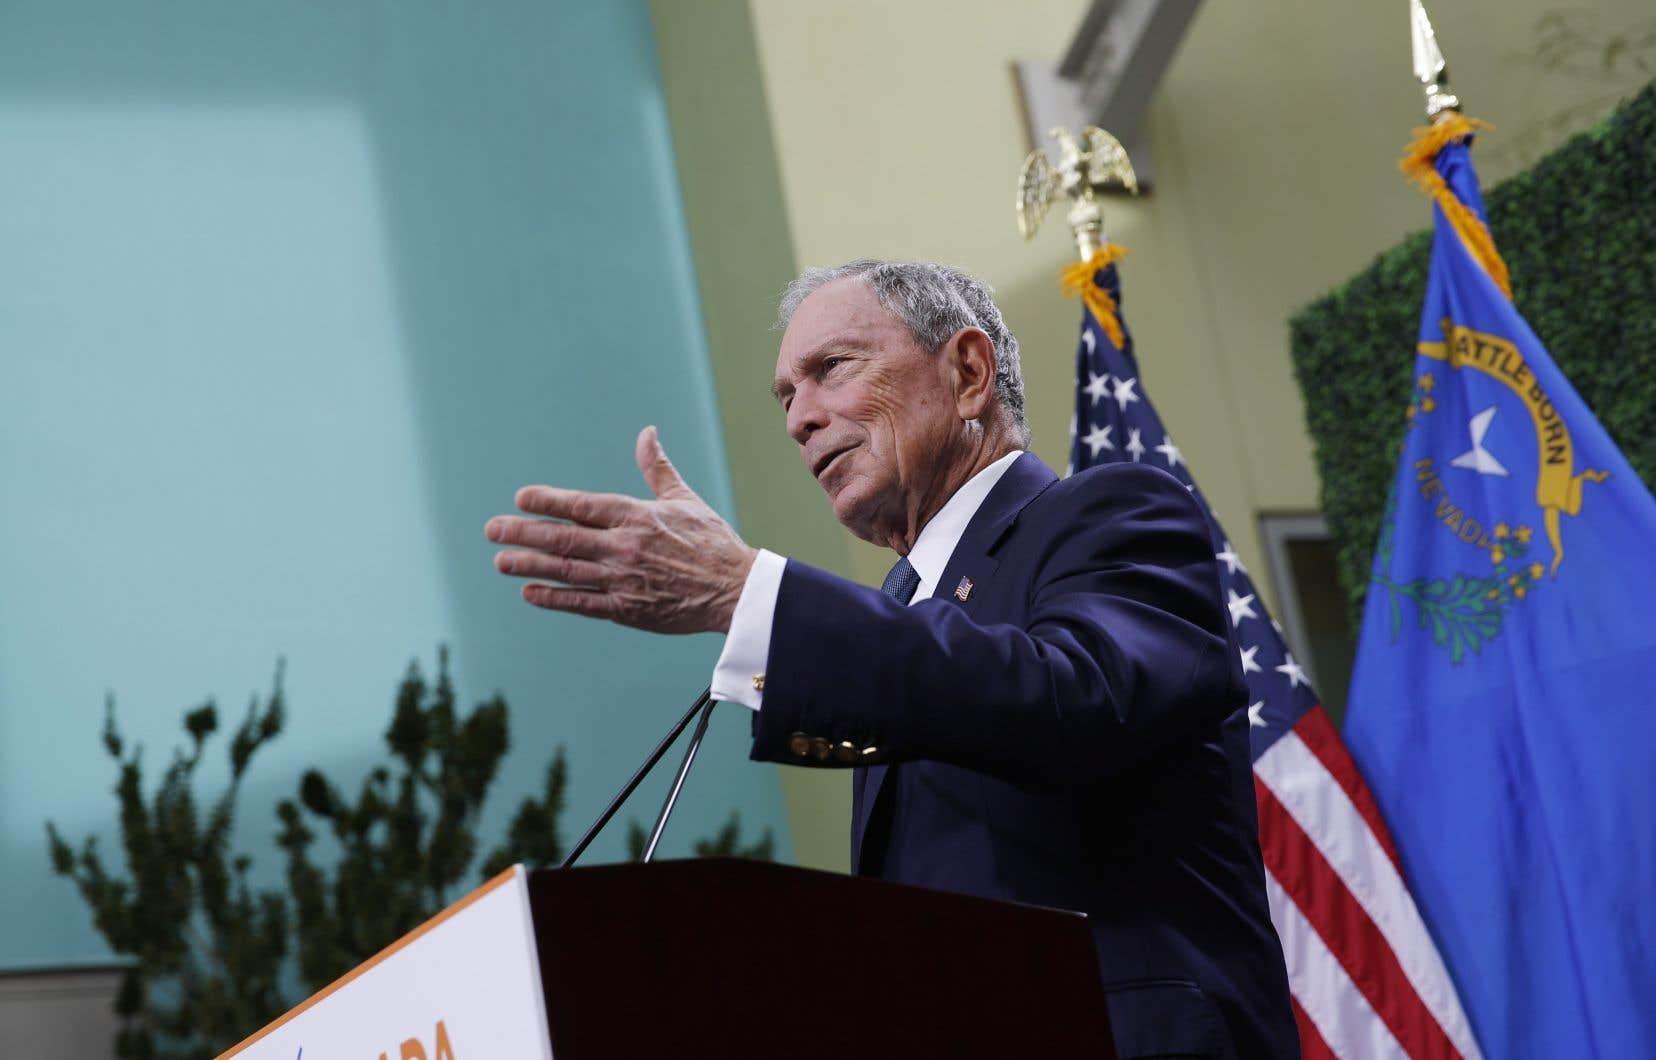 Très actif dans la lutte contre les changements climatiques, contre la prolifération des armes à feu ou pour la santé, Michael Bloomberg avait annoncé en mars qu'il renonçait à se présenter pour, entre autres, ne pas saper les chances de M.Biden.